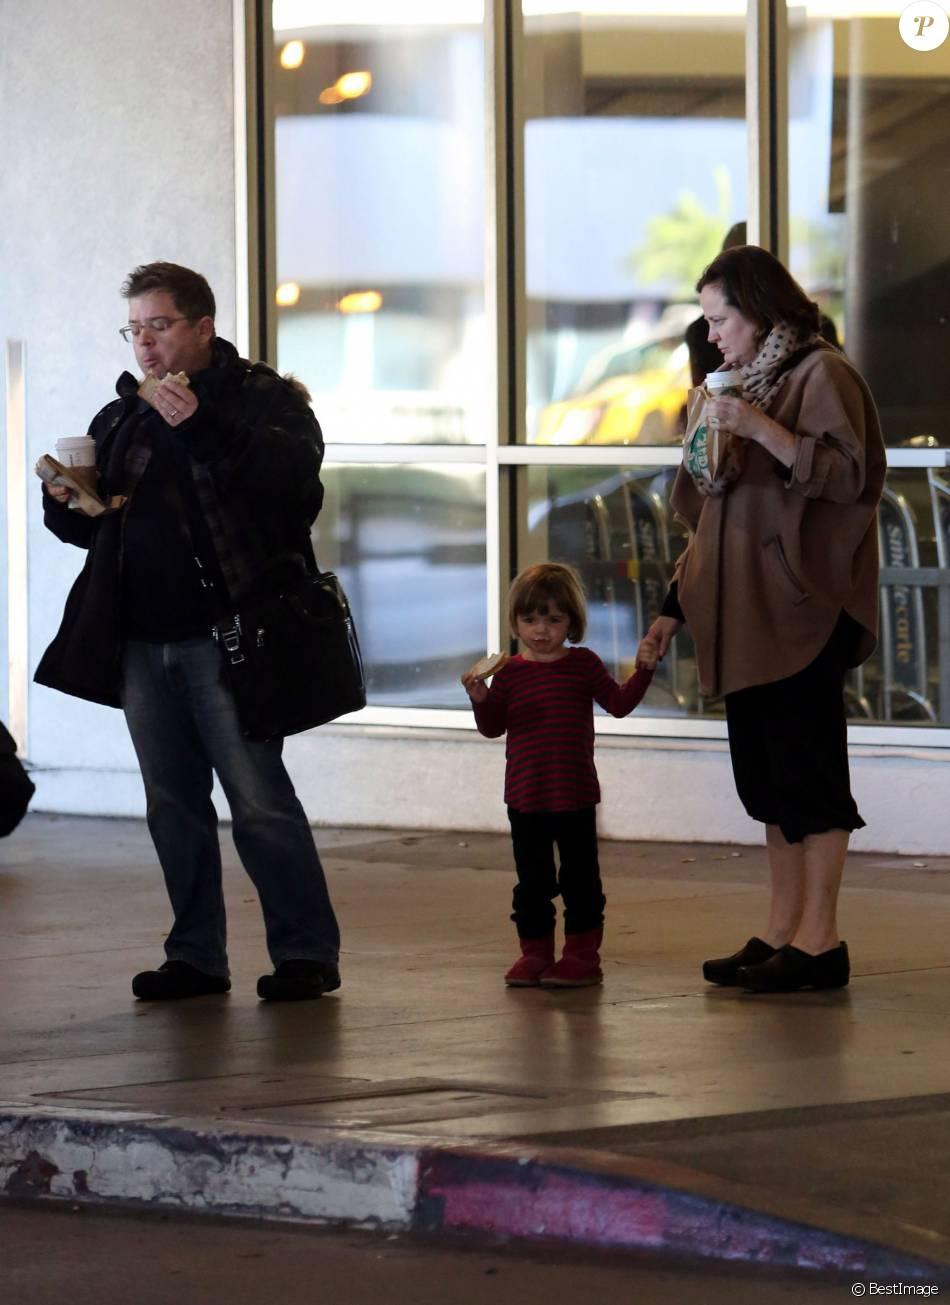 Exclusif - Patton Oswalt, sa femme Michelle McNamara et leur fille Alice à l'aéroport de Los Angeles, le 27 décembre 2012.